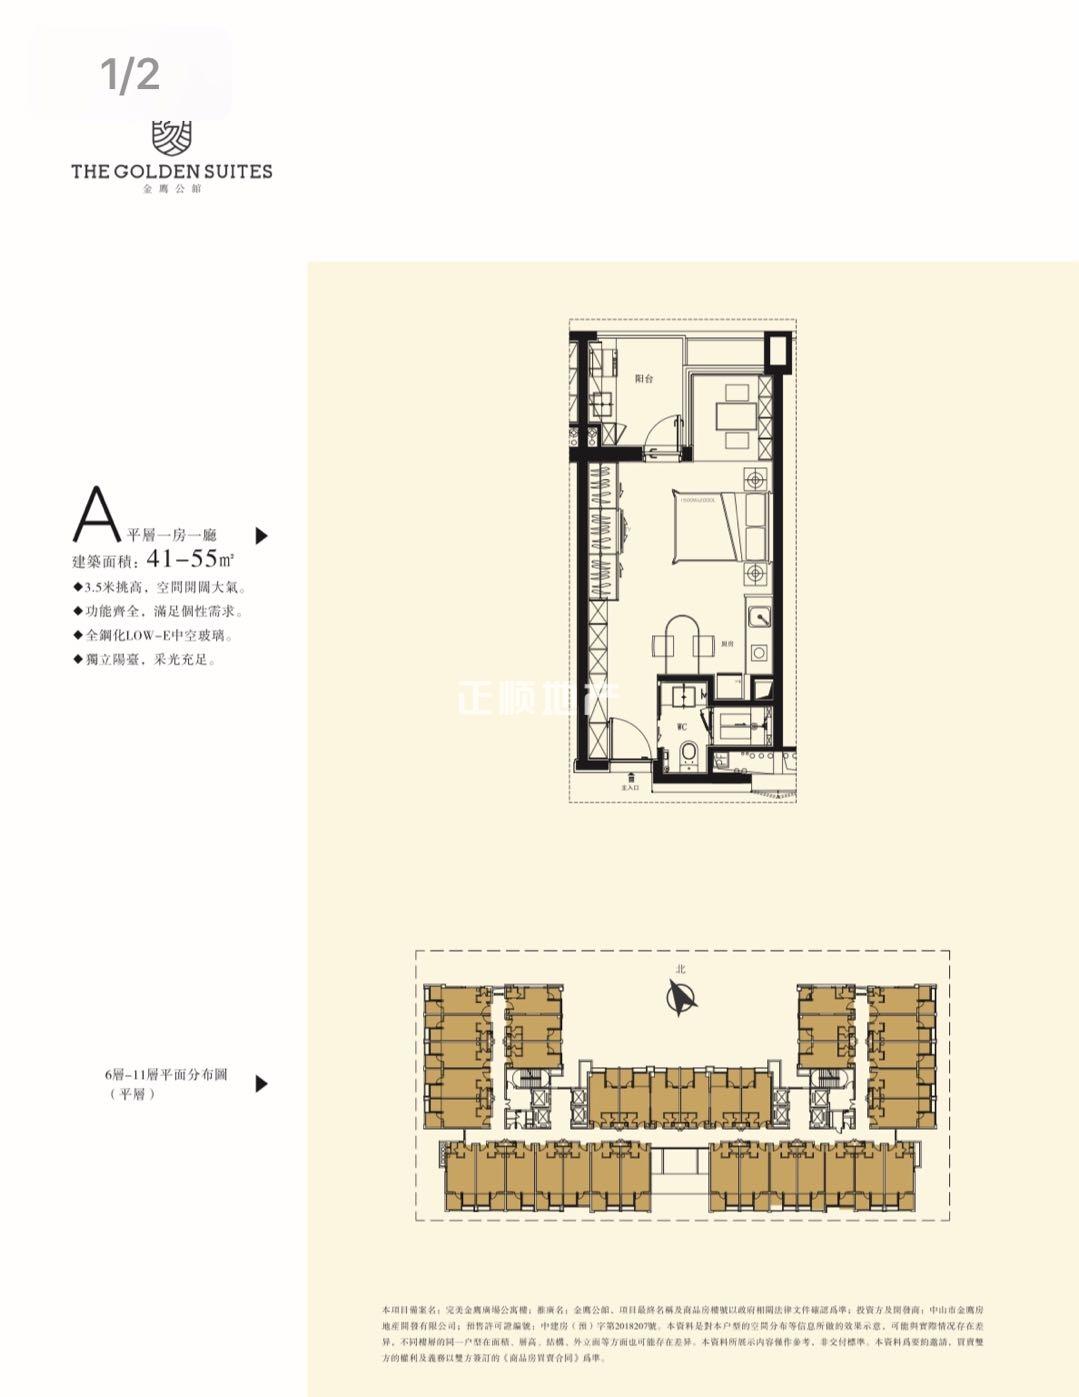 完美金鹰广场 - 户型图